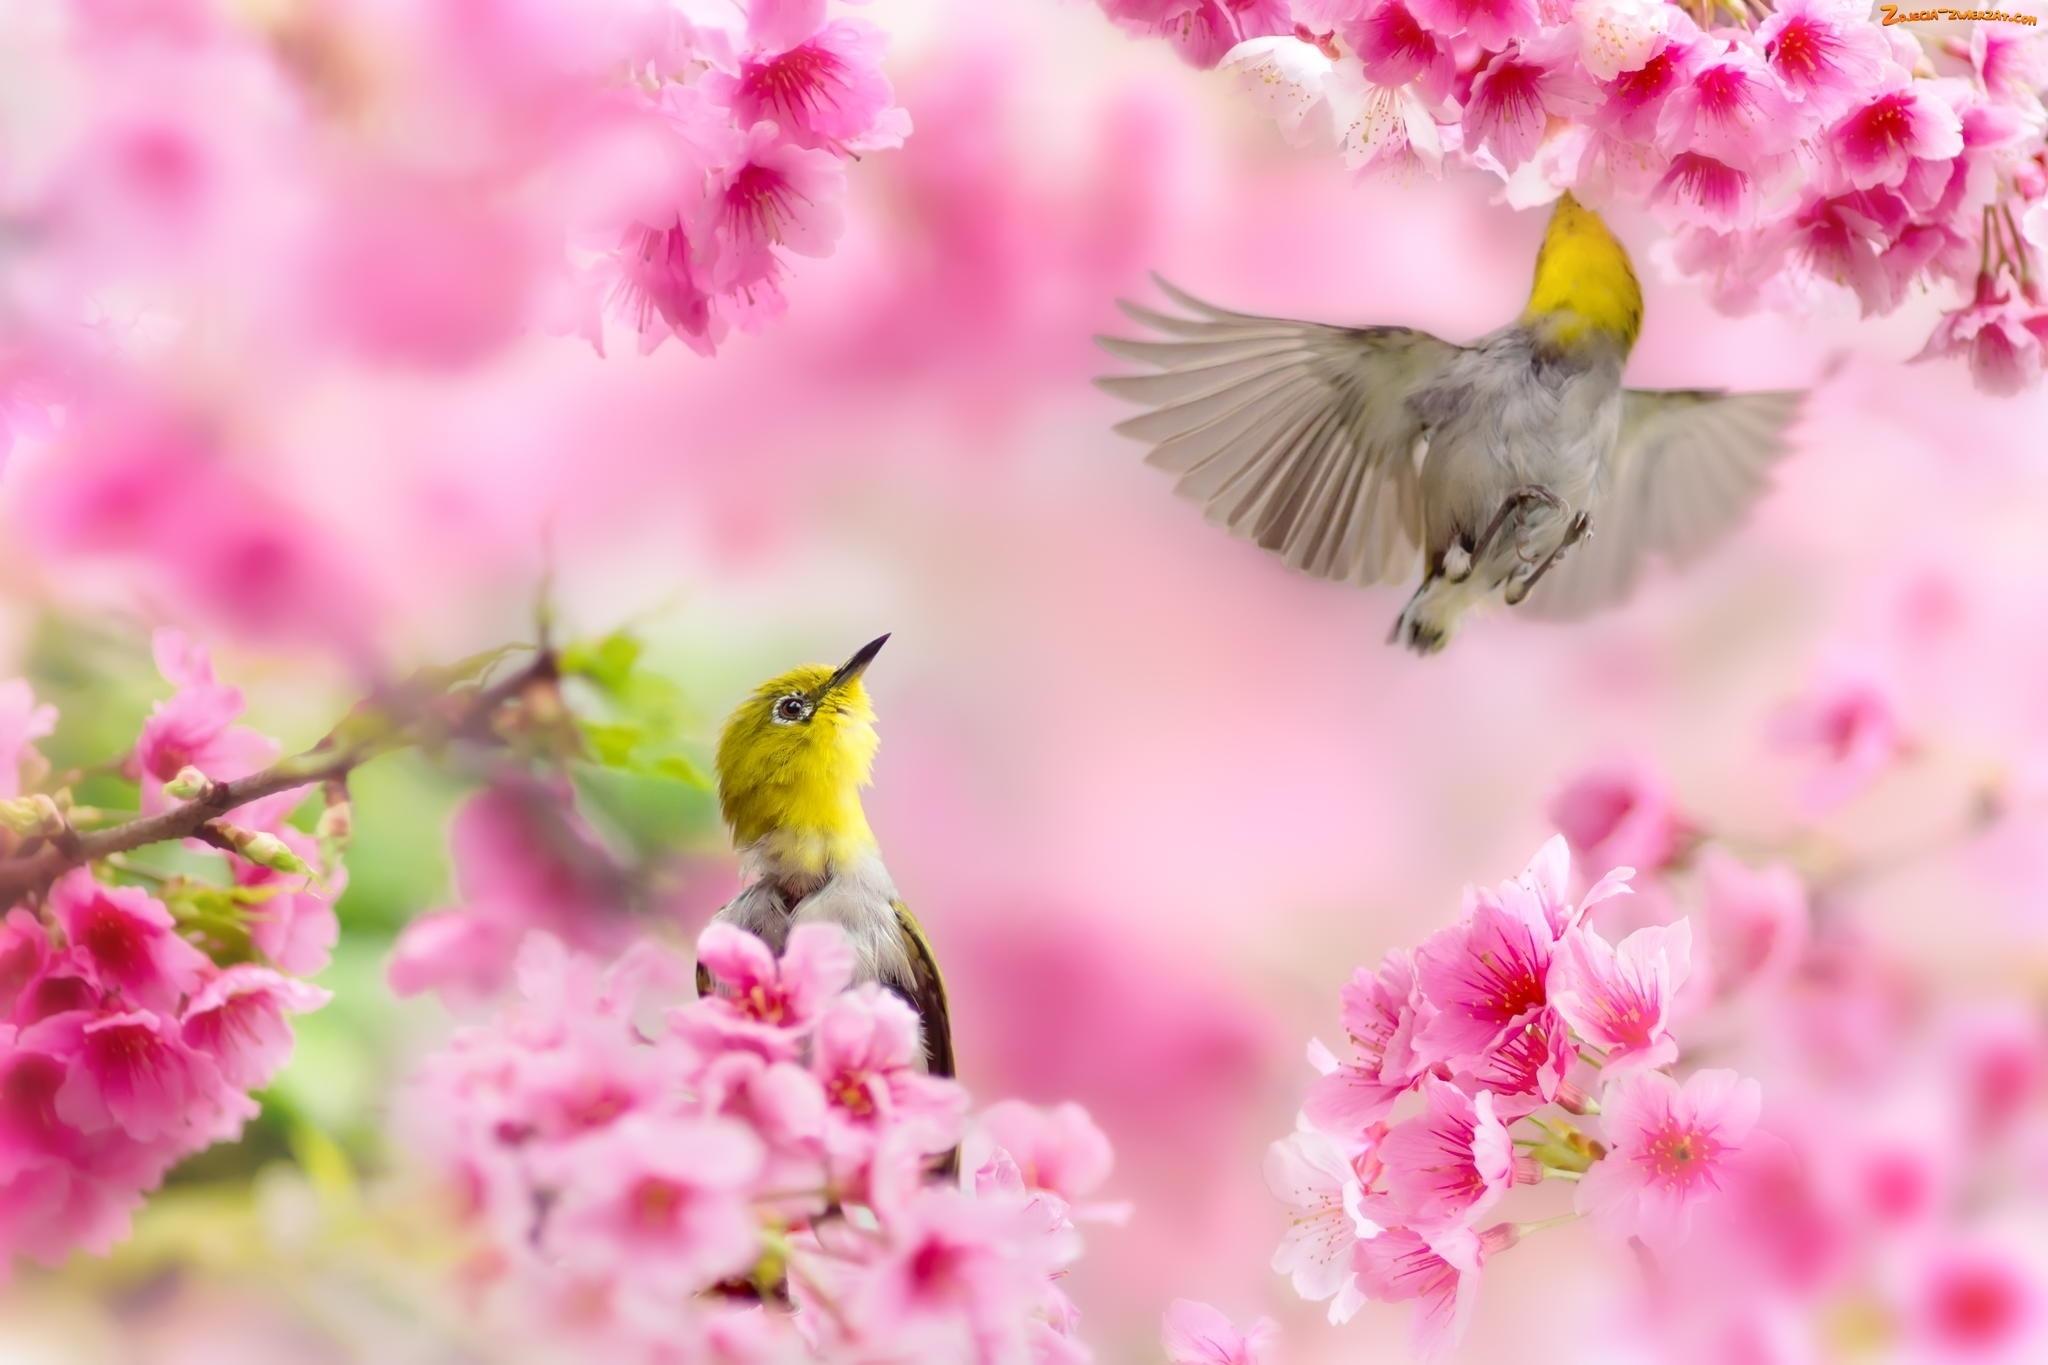 Znalezione obrazy dla zapytania ptaki wiosna